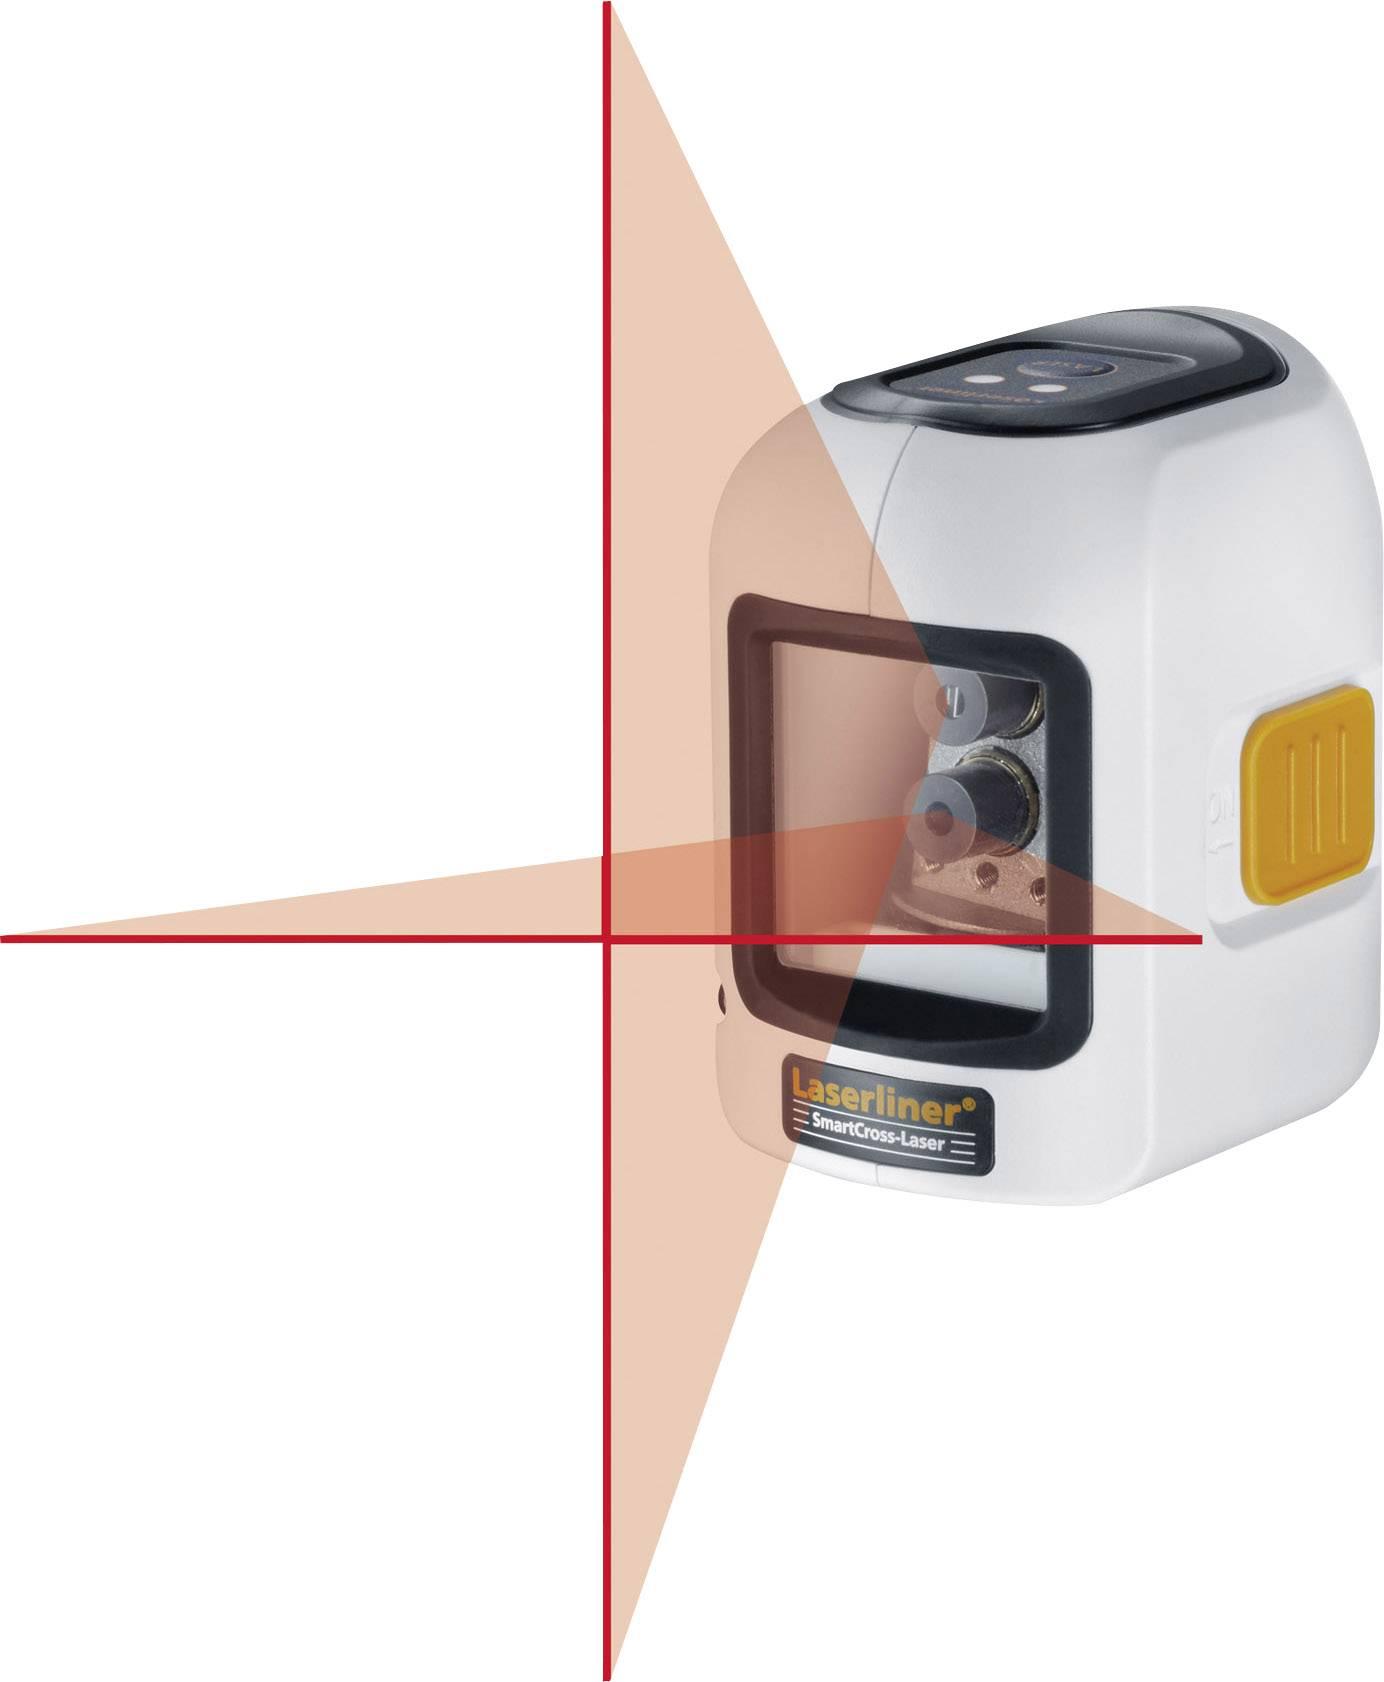 Křížový laser samonivelační Laserliner SmartCross-Laser, dosah (max.): 10 m, kalibrováno dle ISO